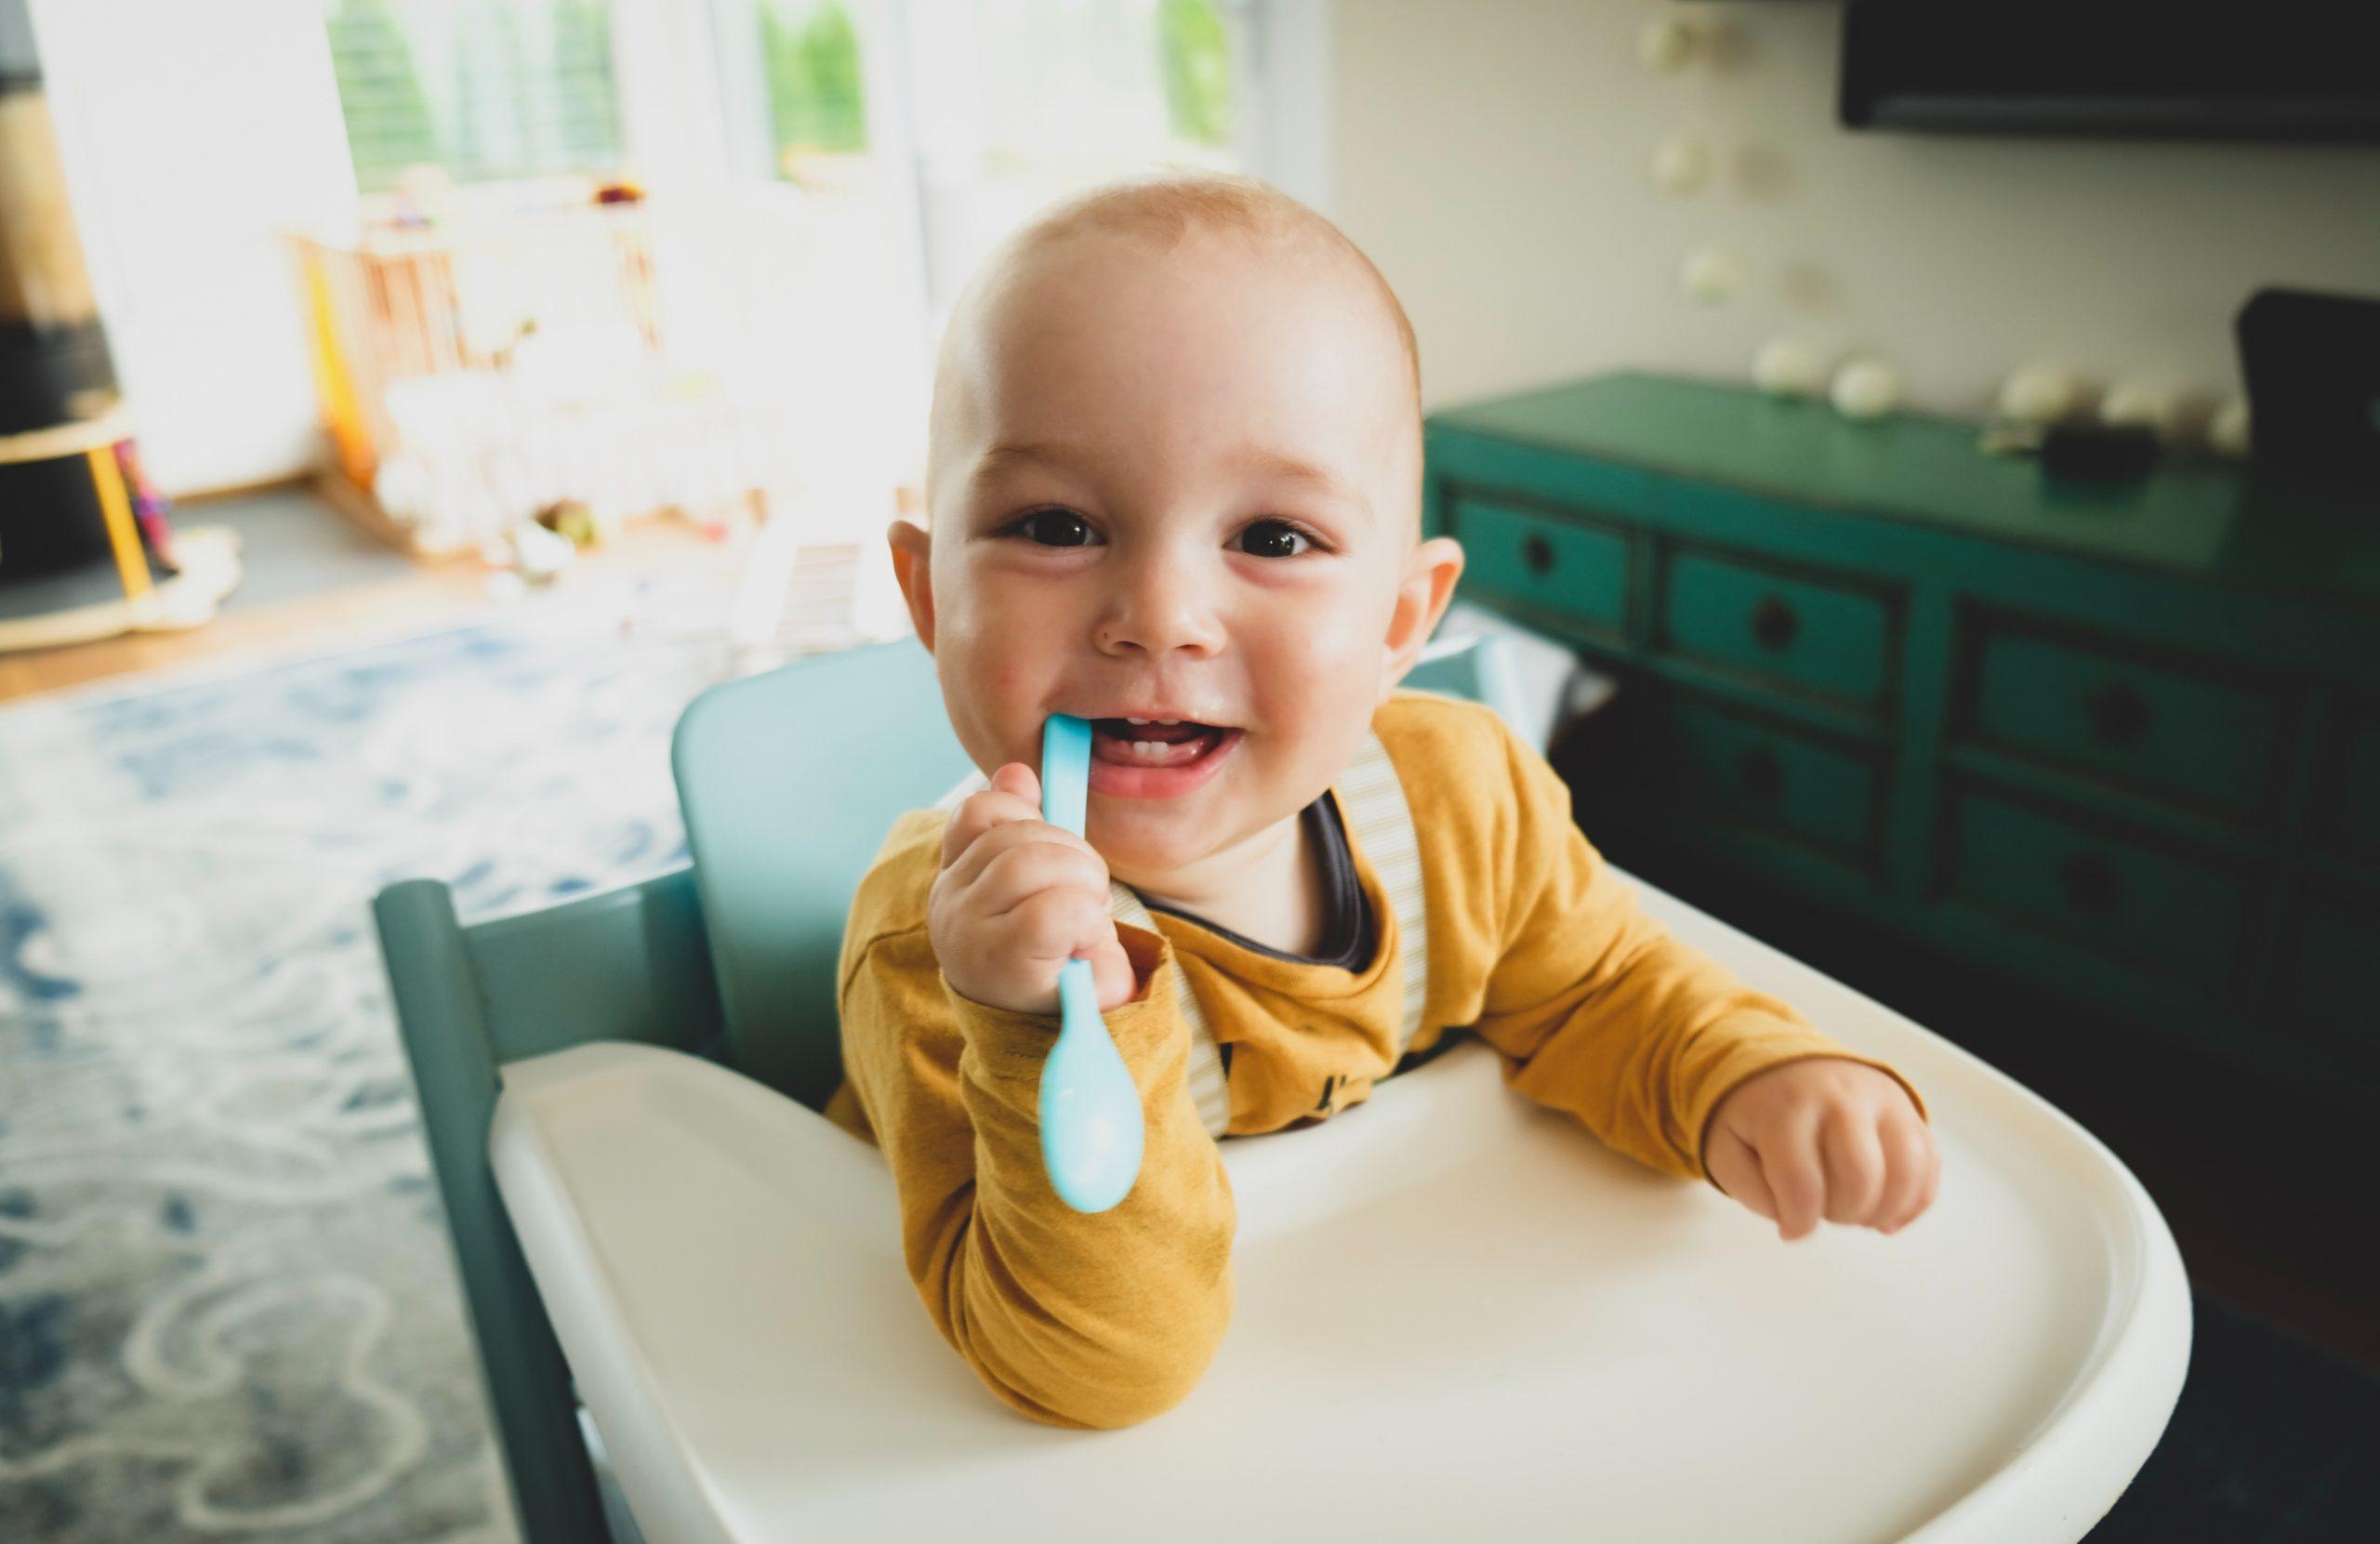 À quel âge peut-on laisser un enfant seul à la maison et comment procéder ?